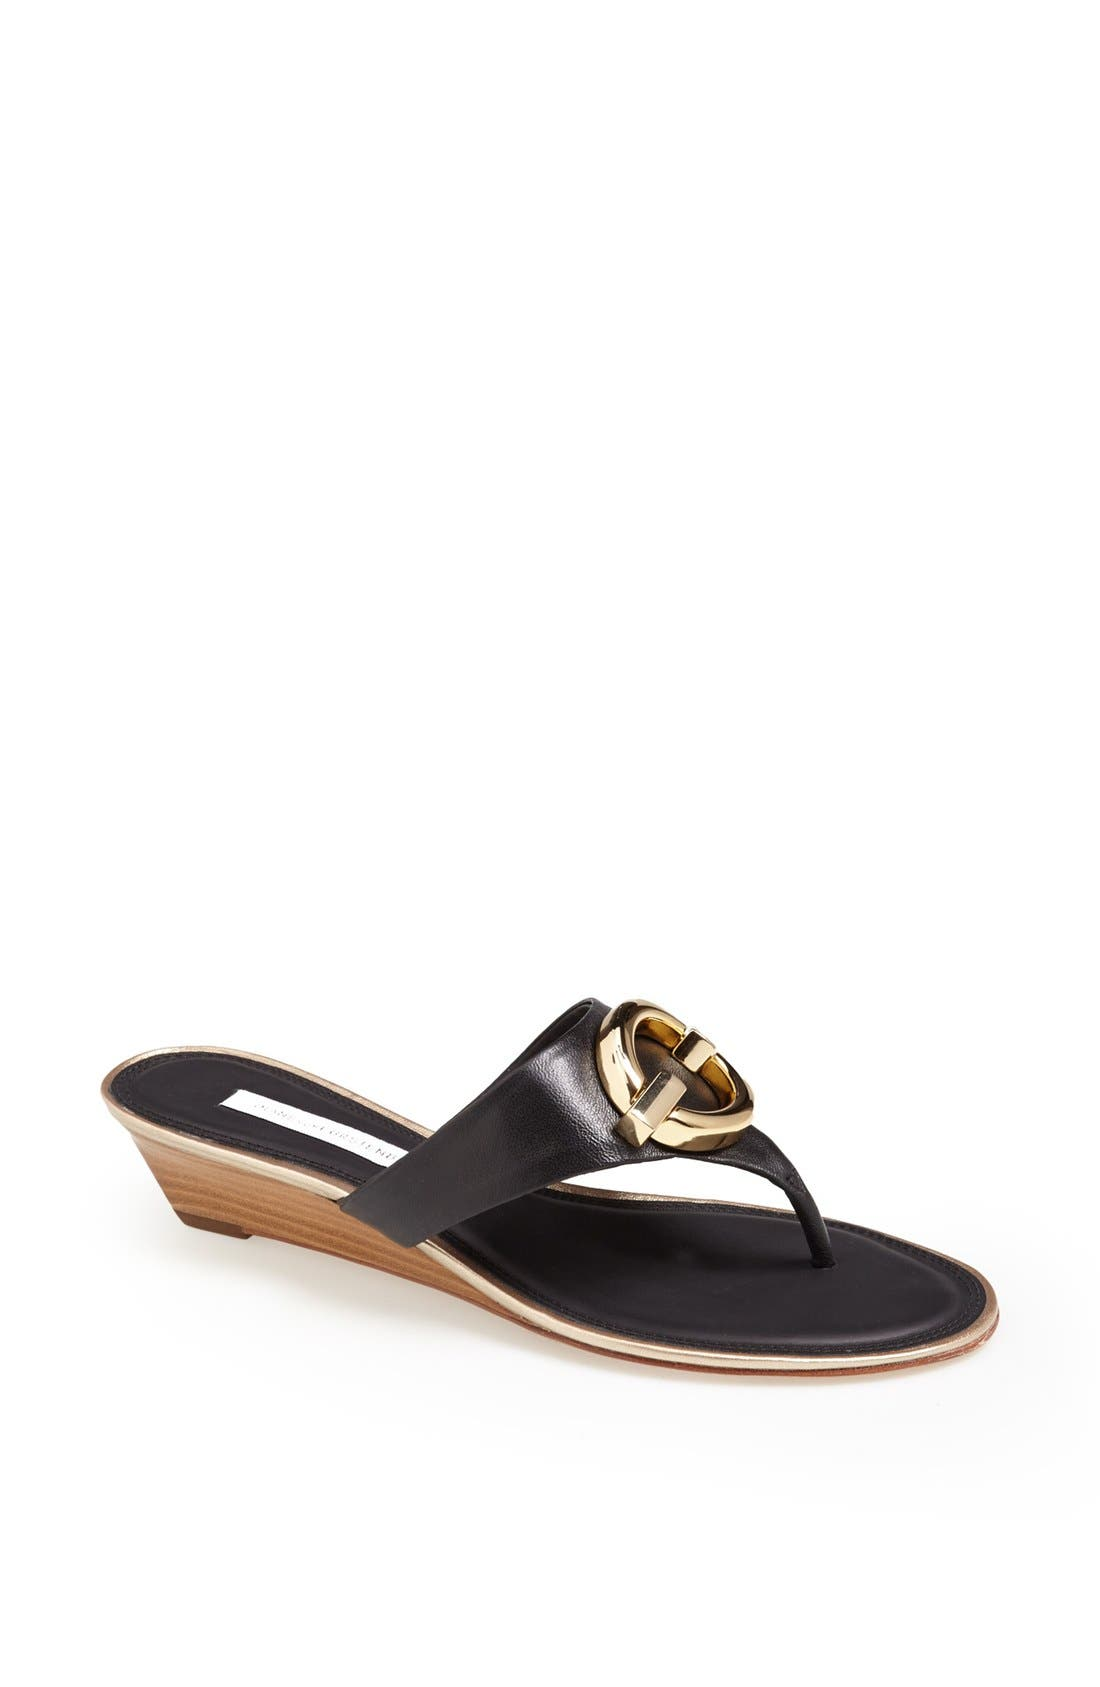 Alternate Image 1 Selected - Diane von Furstenberg 'Tiles' Leather Sandal